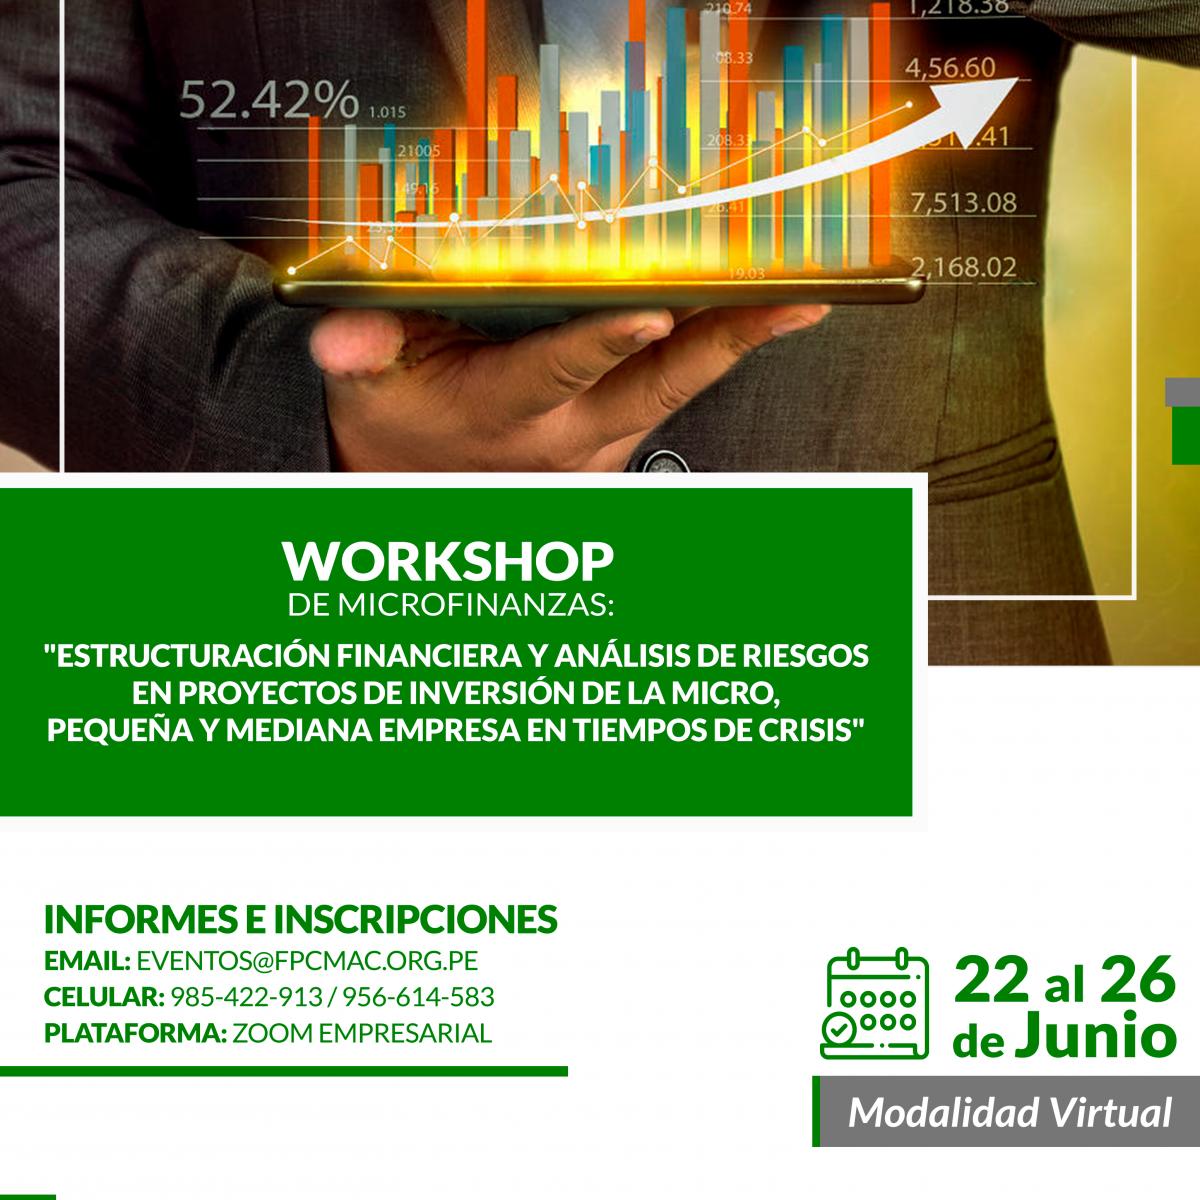 FEPCMAC_workshop_virtual_A4